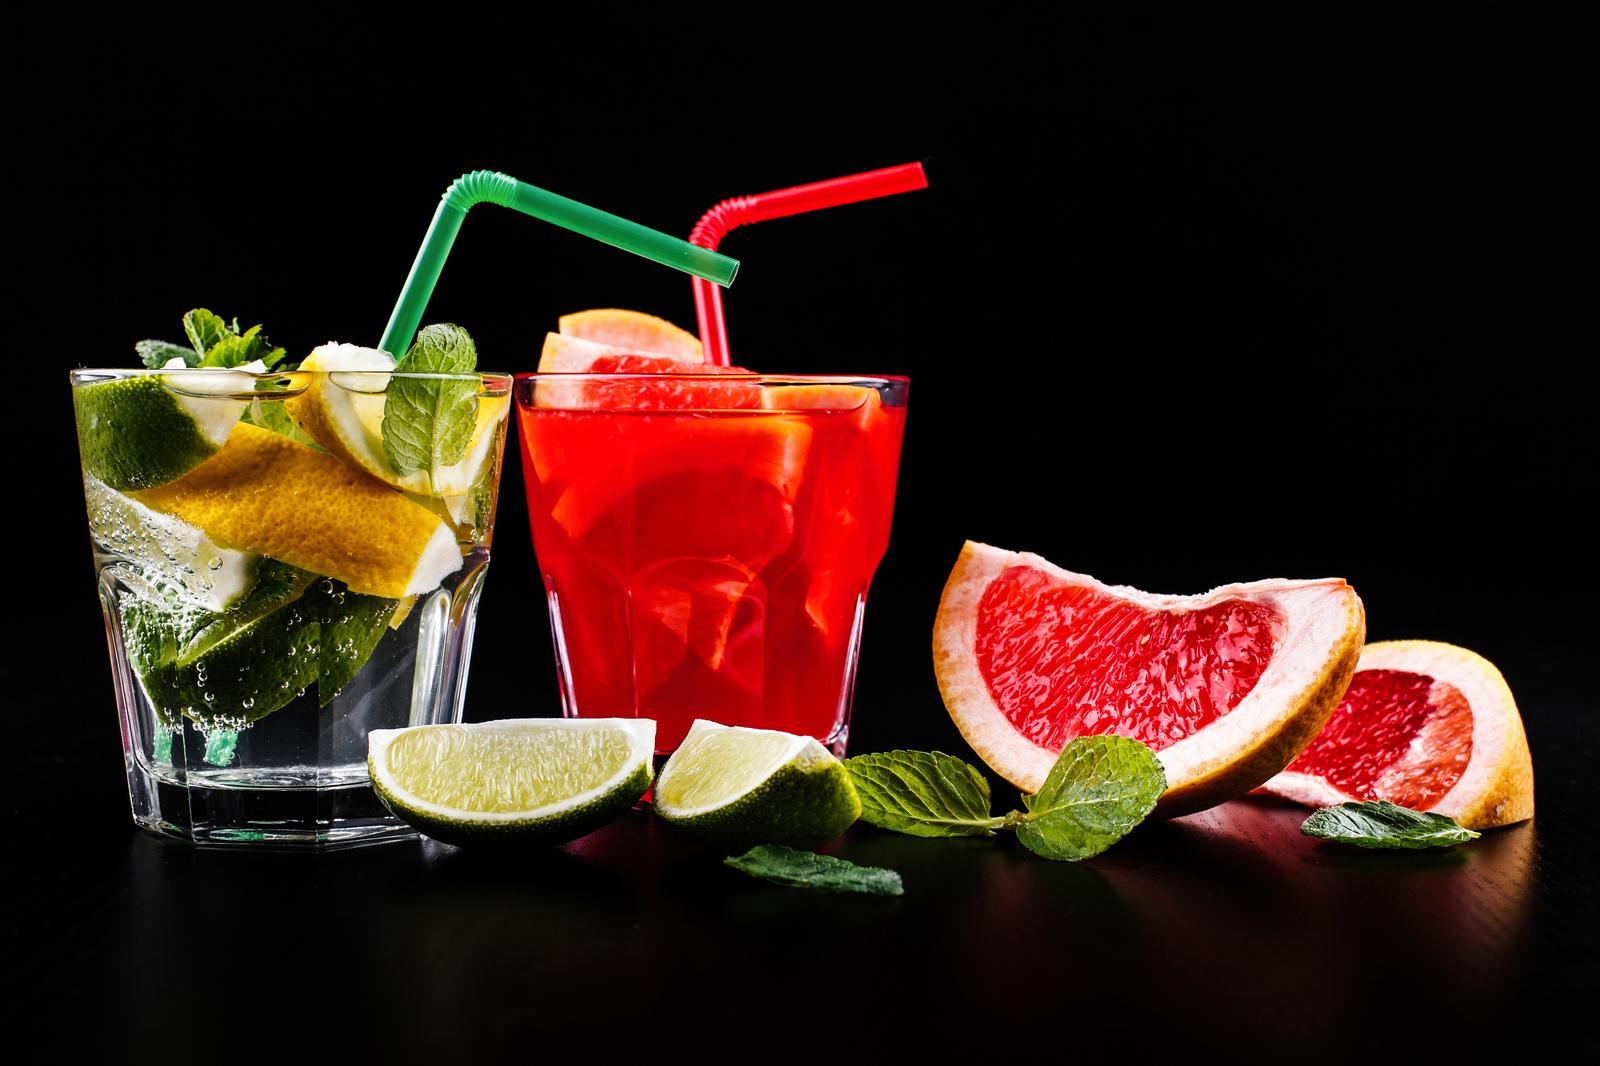 Beverage serving activities in Rakvere